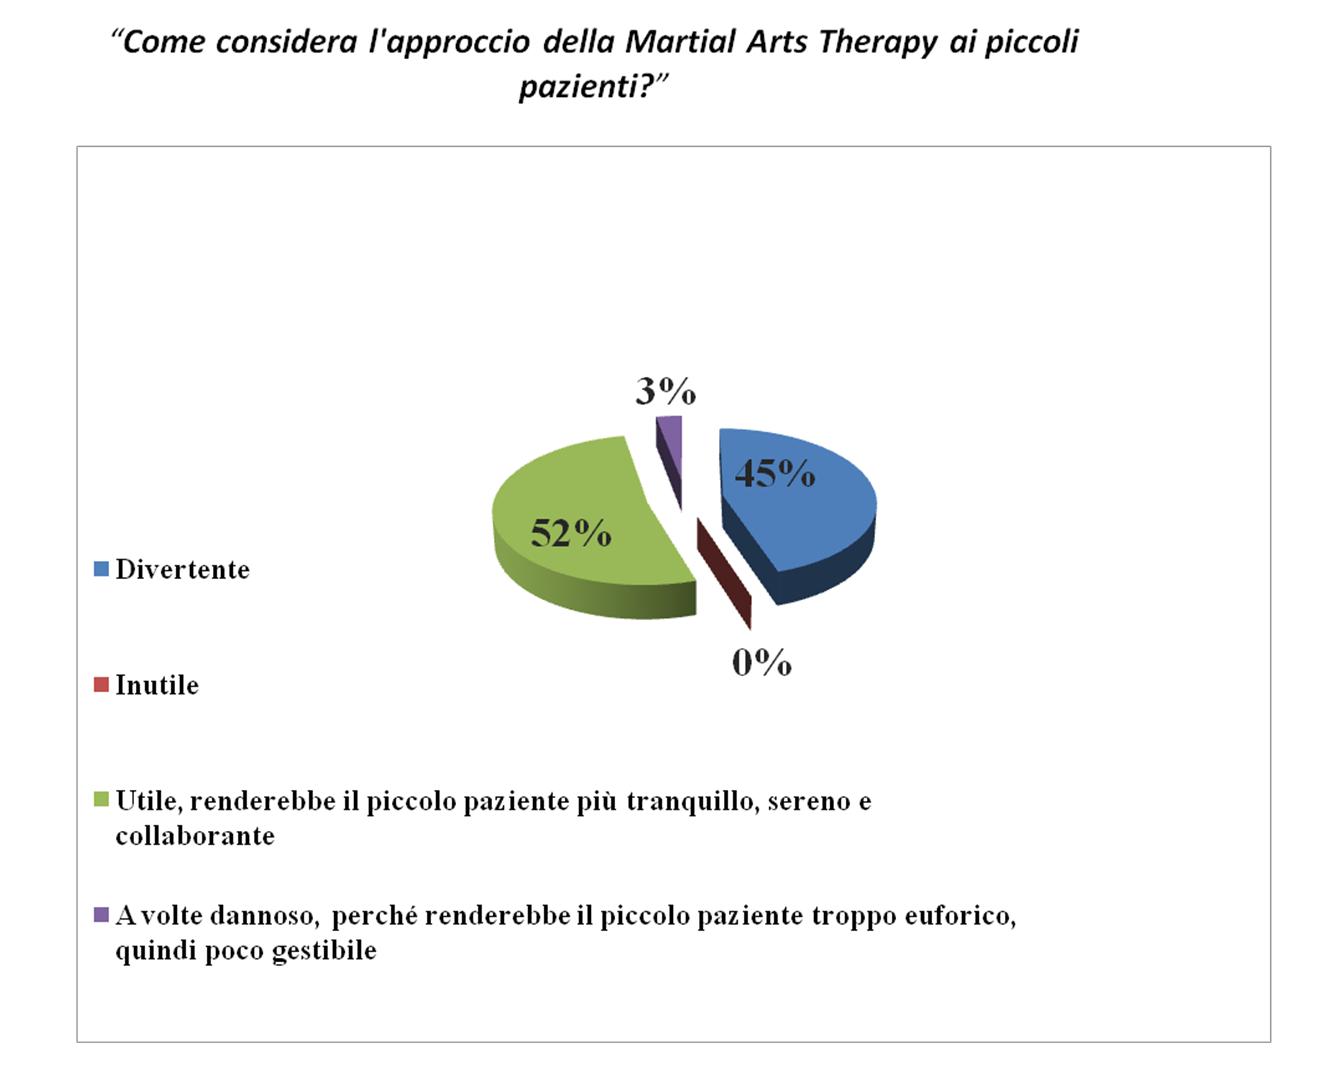 Nuove frontiere dell'assistenza infermieristica:Nursing & Martial Arts nella lotta alla Fibrosi Cistica in età pediatrica 2